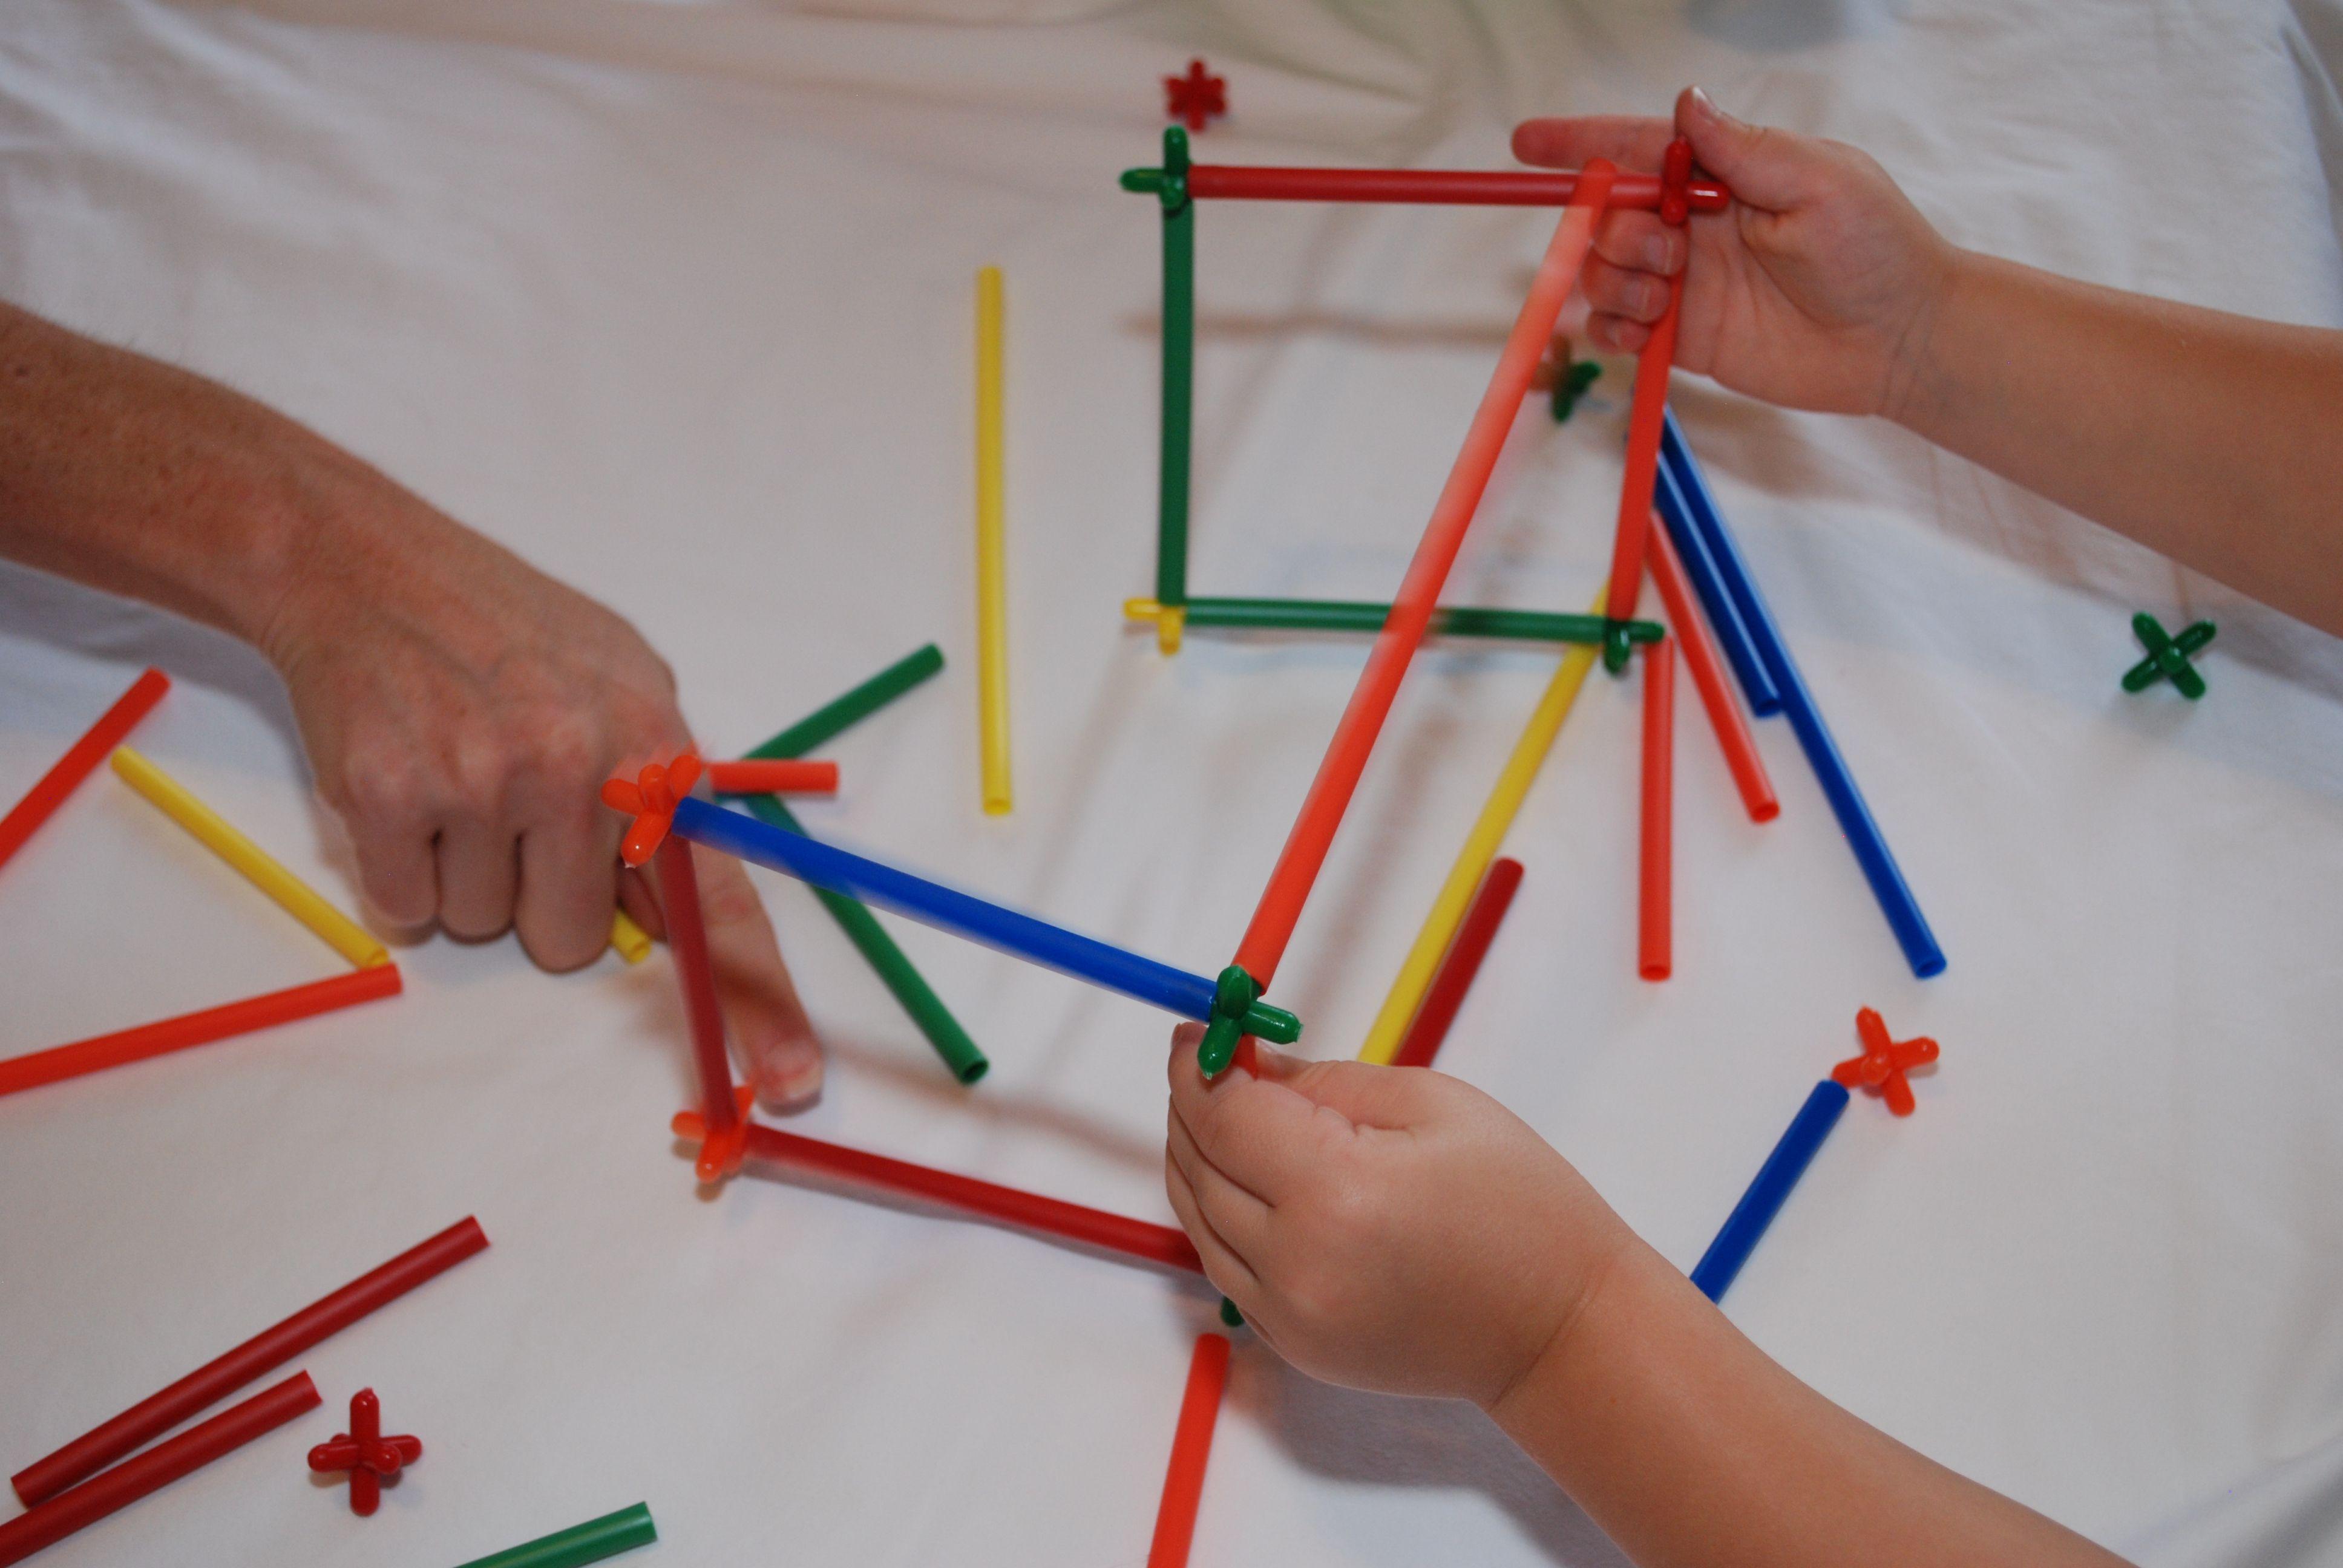 Preschool Construction Activities To Develop Logical